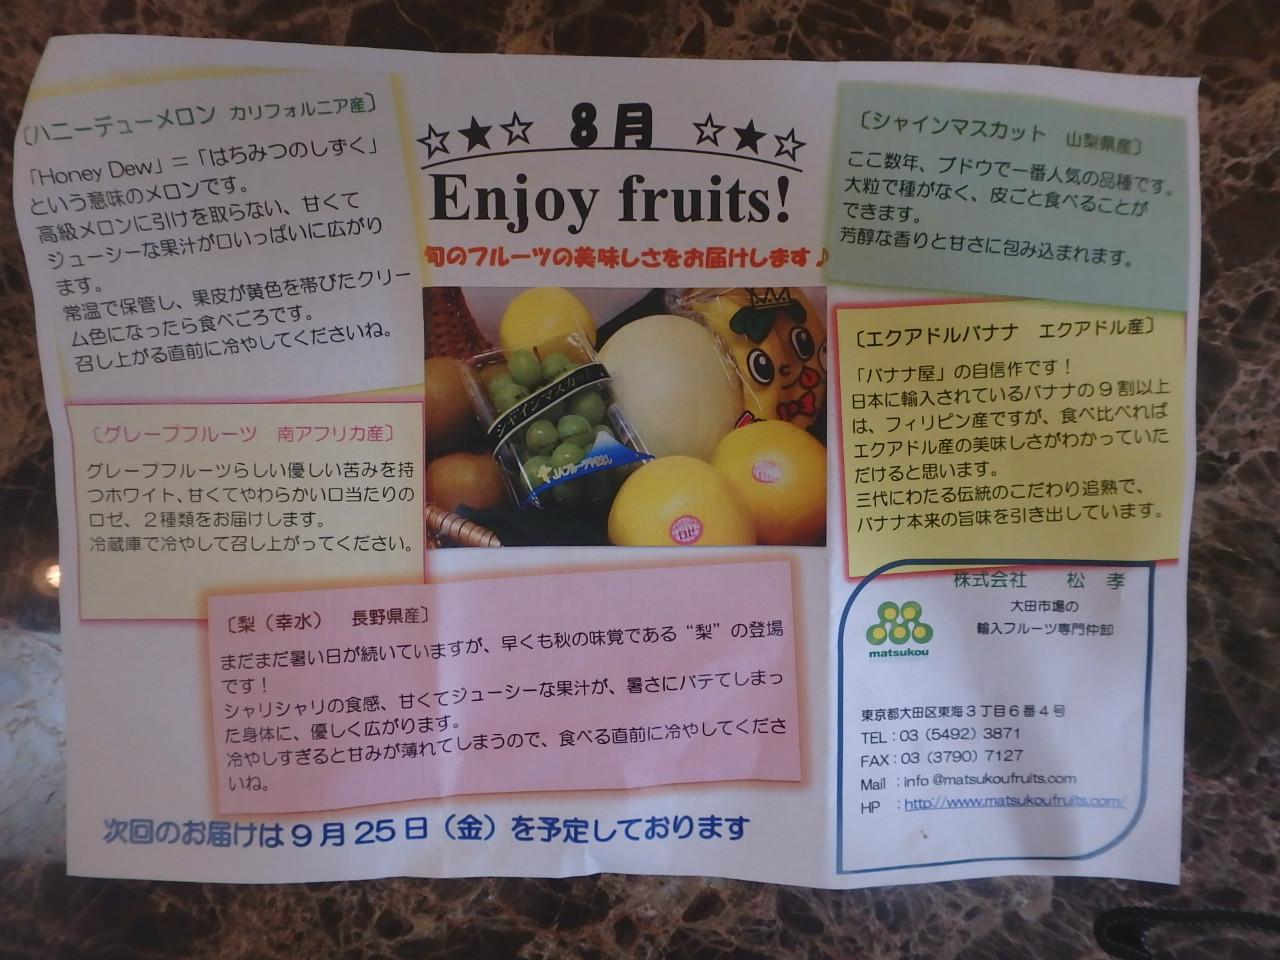 毎月、恒例のフルーツ